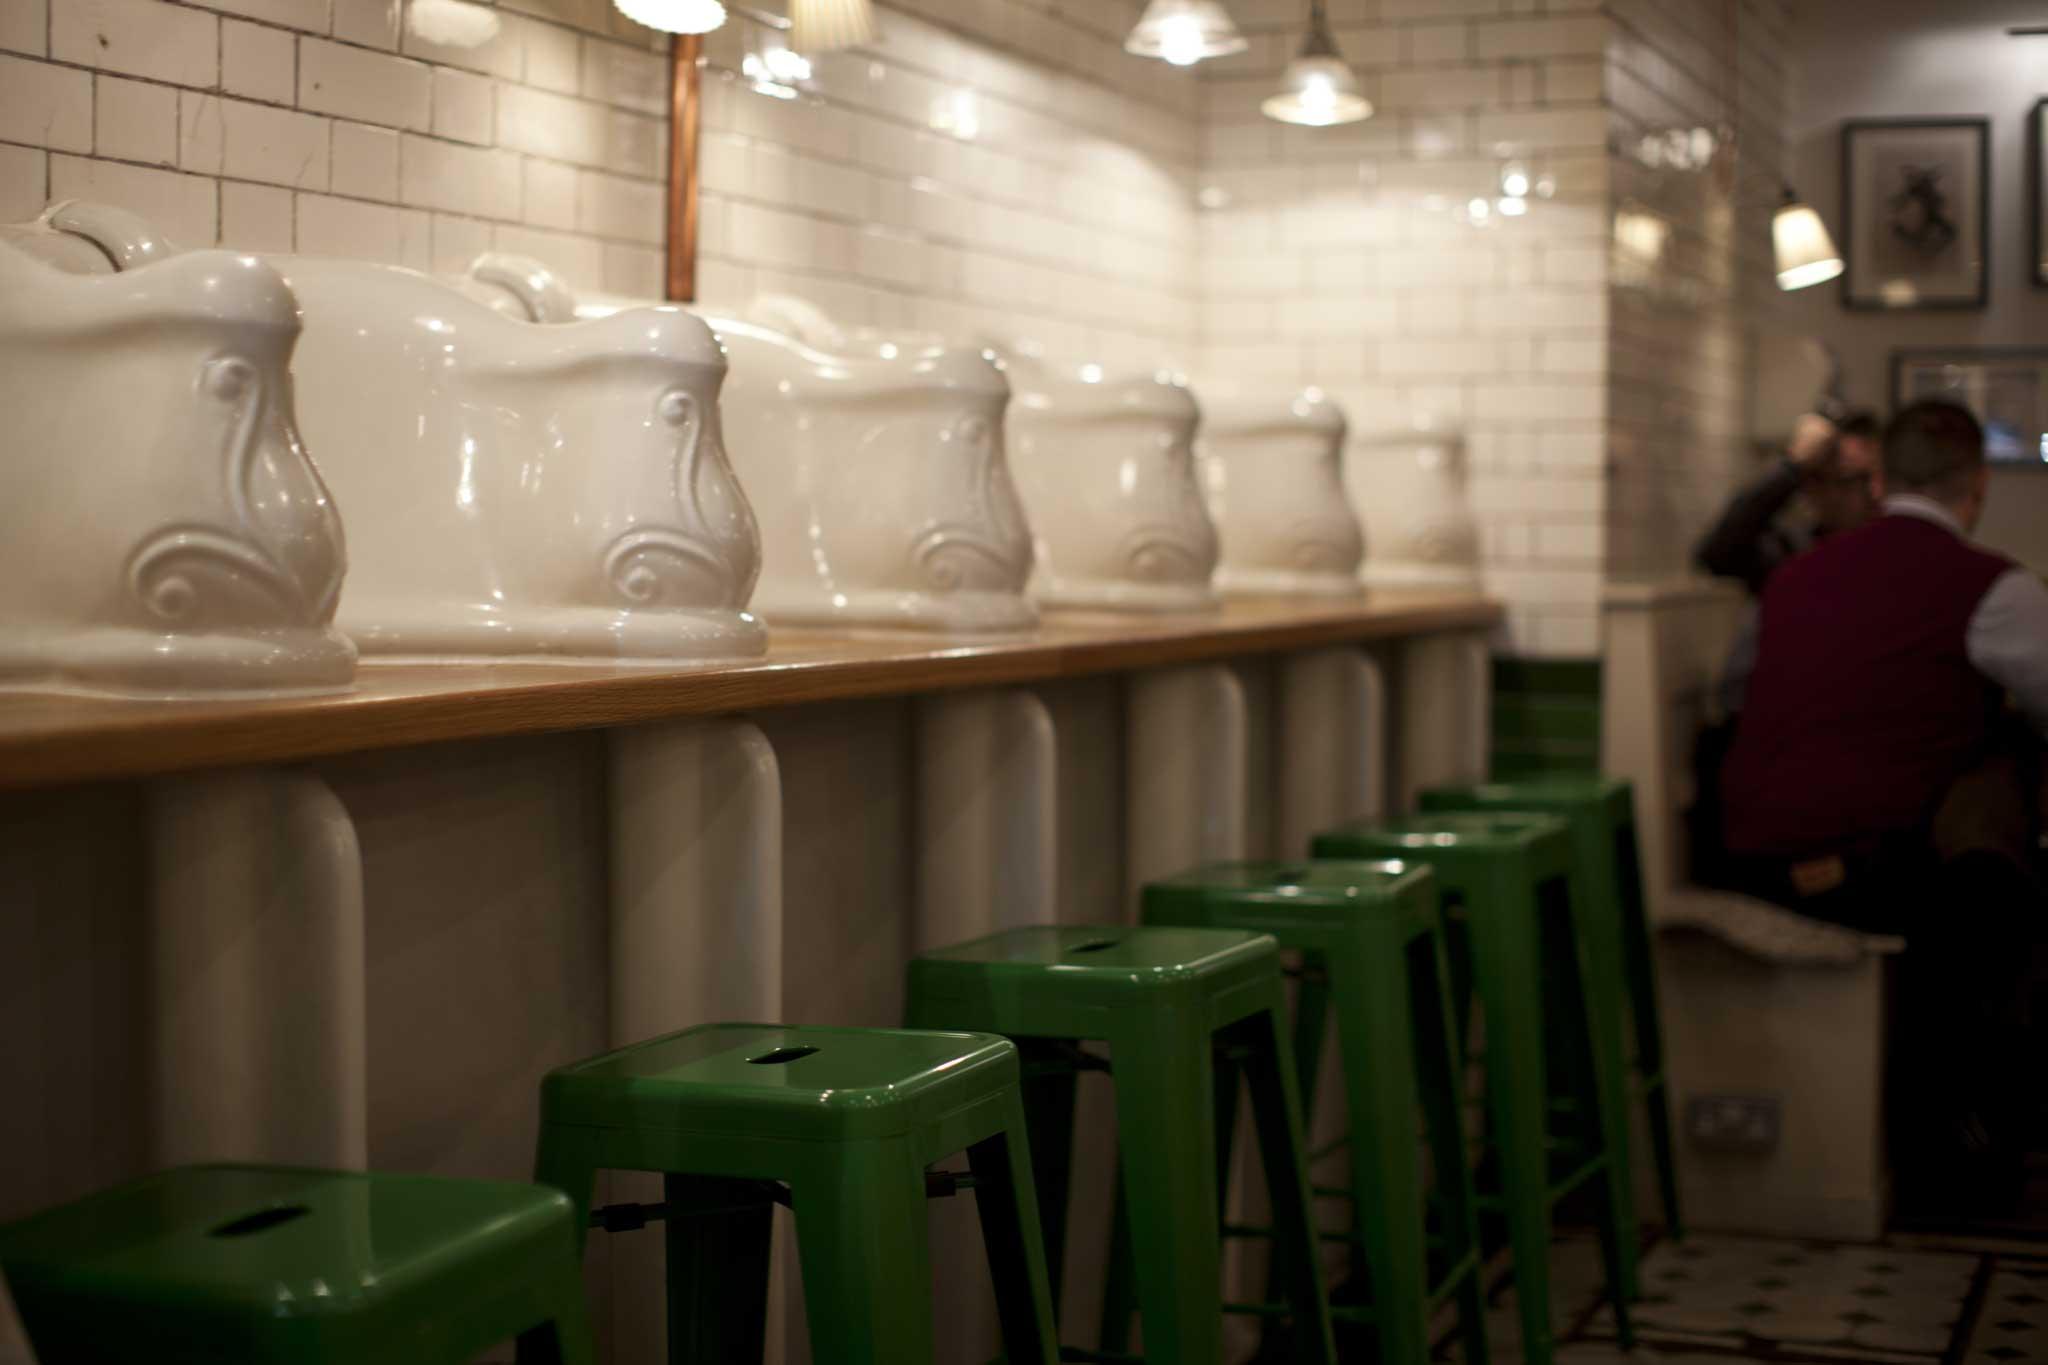 Strategie per trasformare un bagno pubblico in un - Vespasiano bagno ...